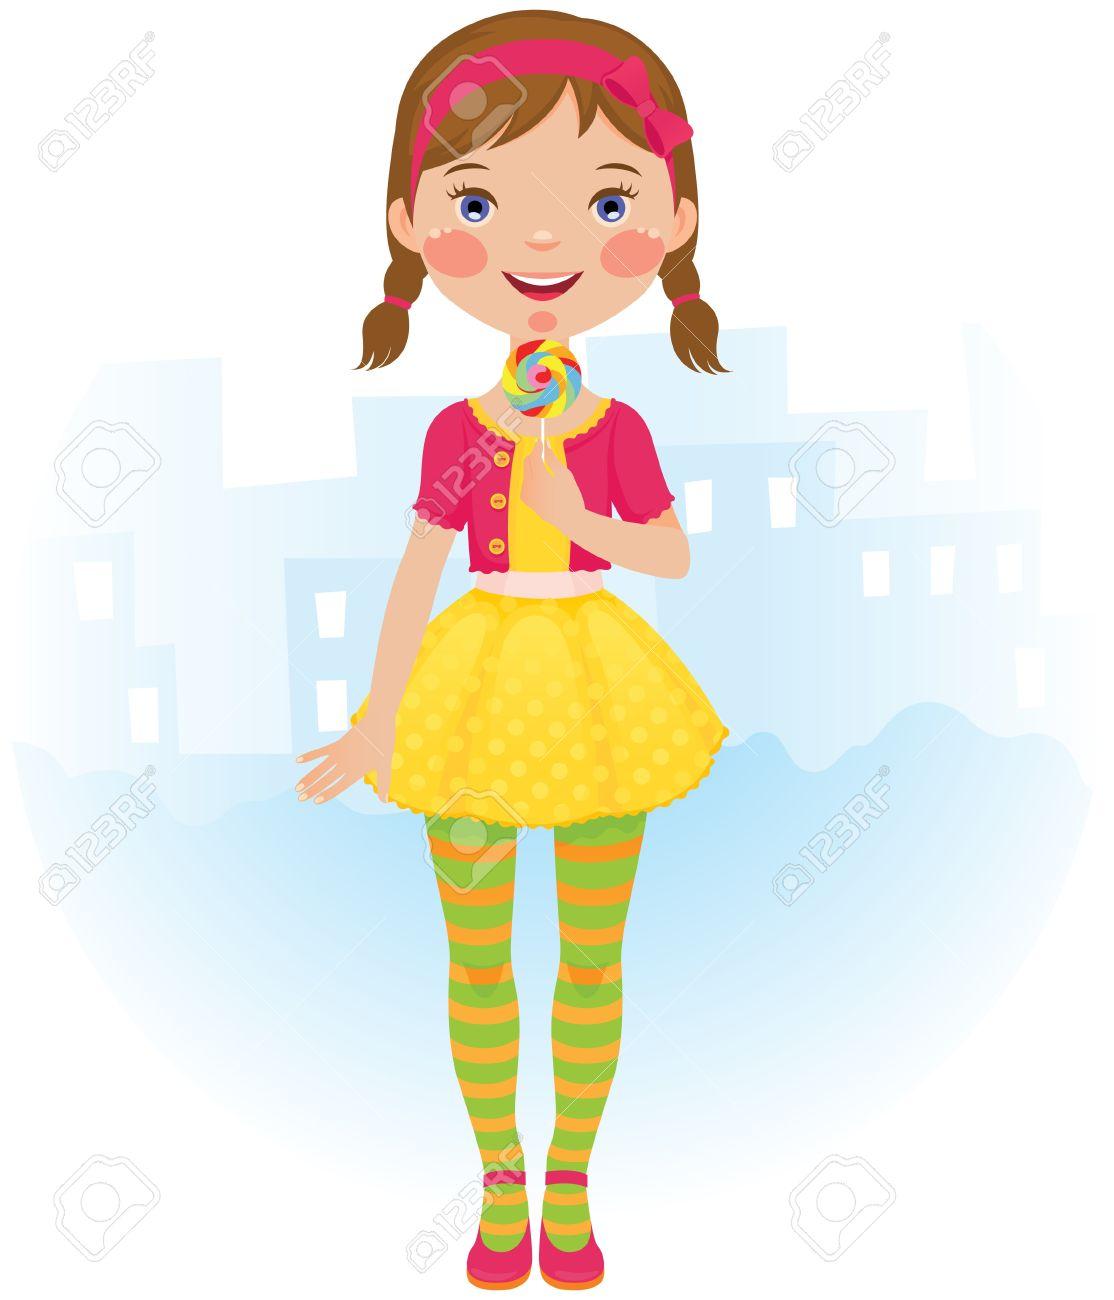 1114x1300 Girl Lollipop Clipart, Explore Pictures